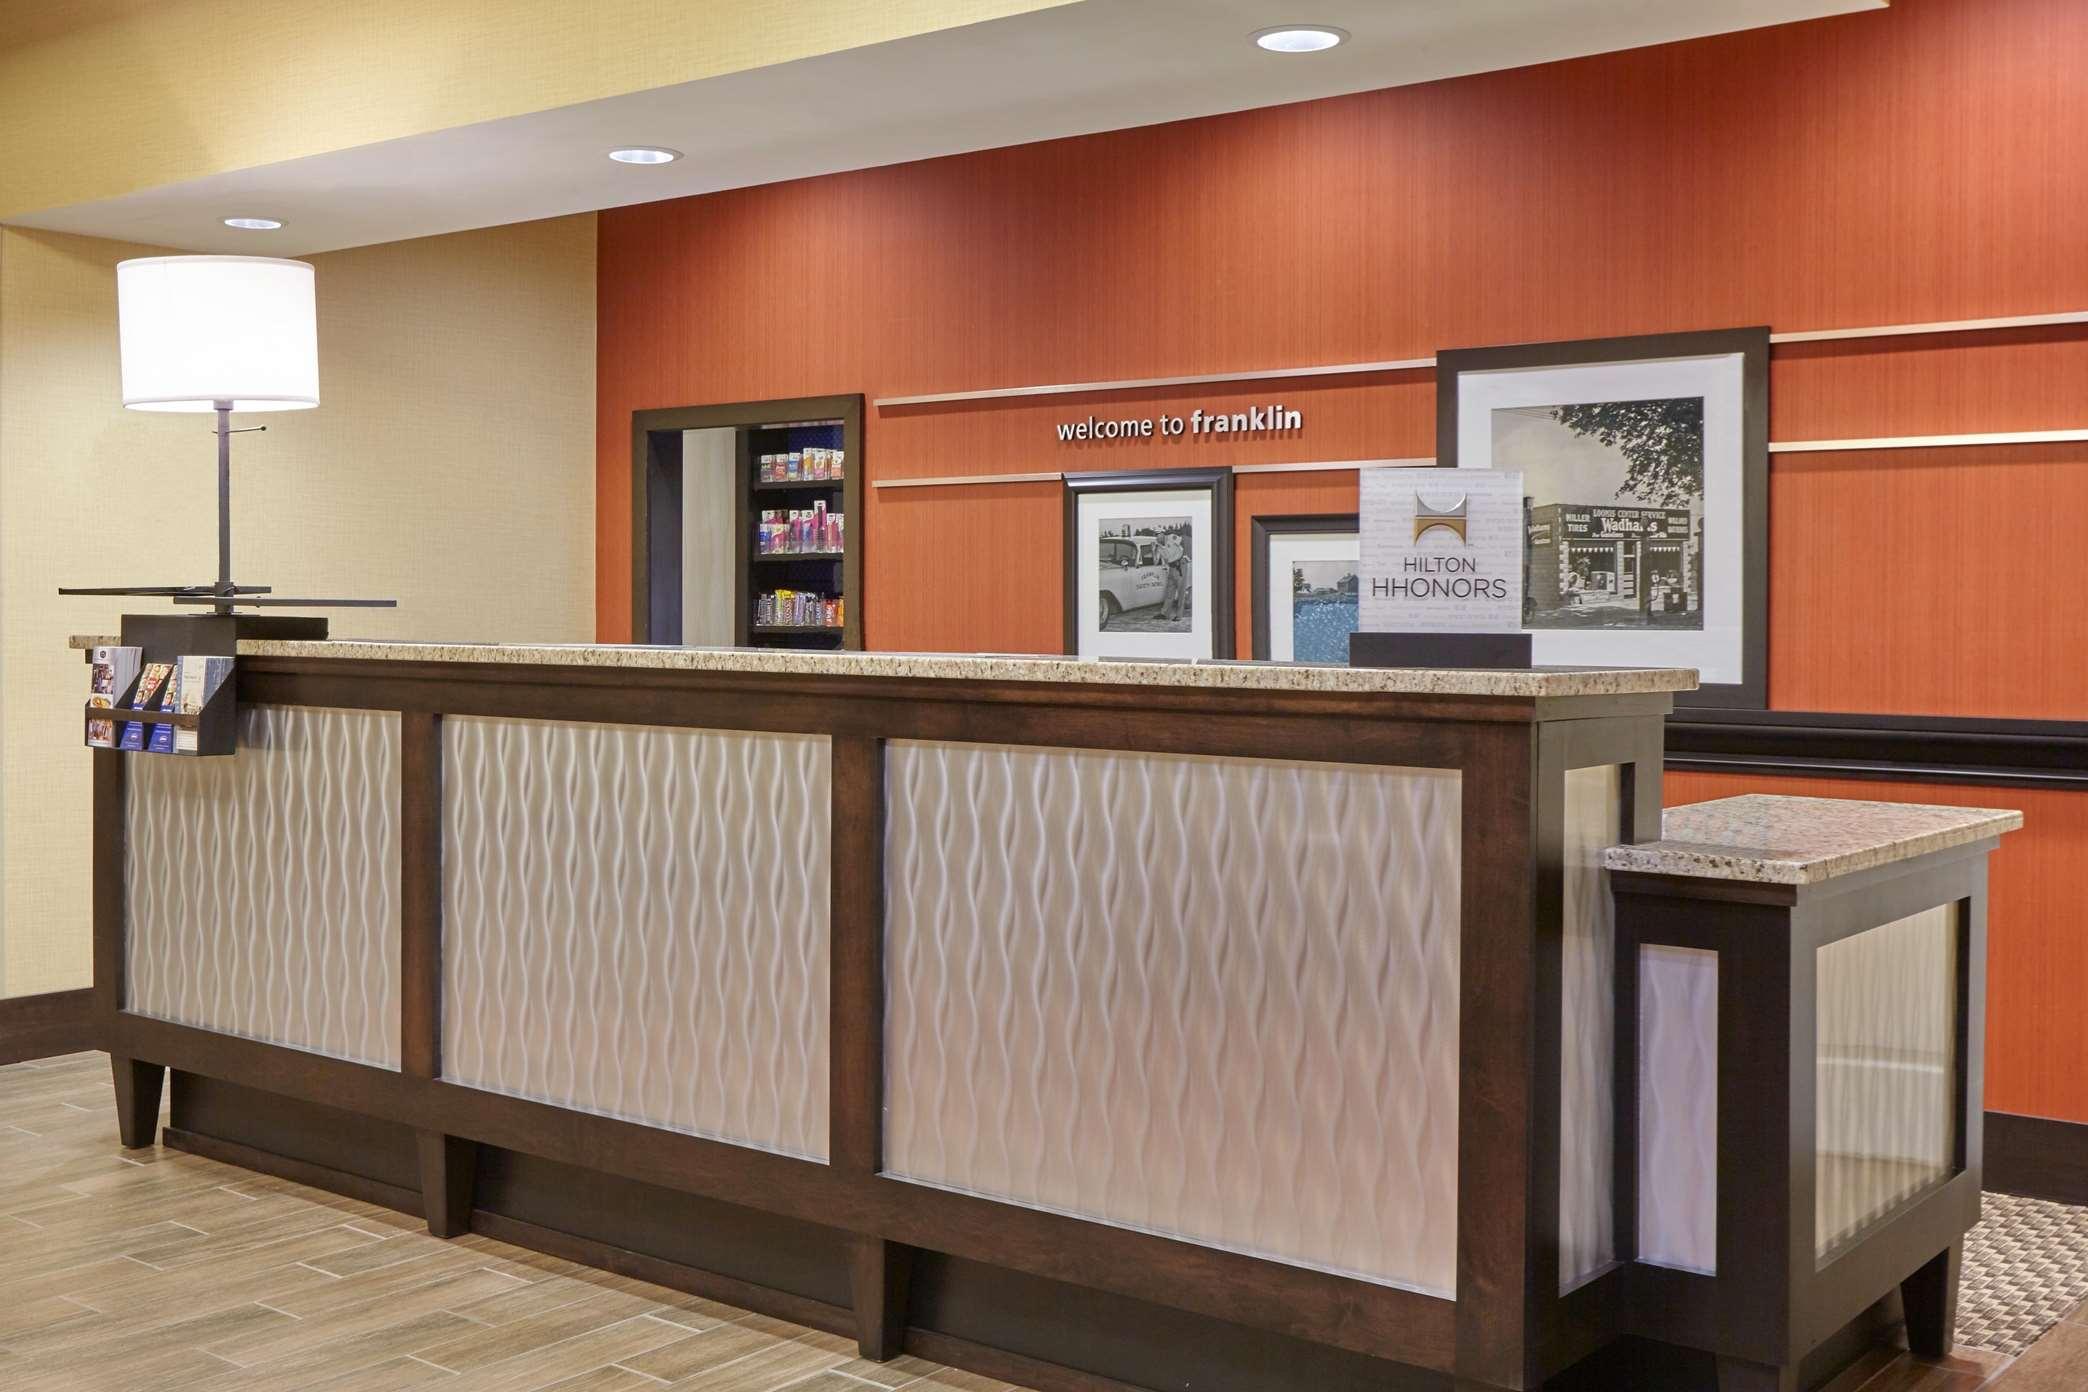 Hampton Inn & Suites Milwaukee/Franklin image 32